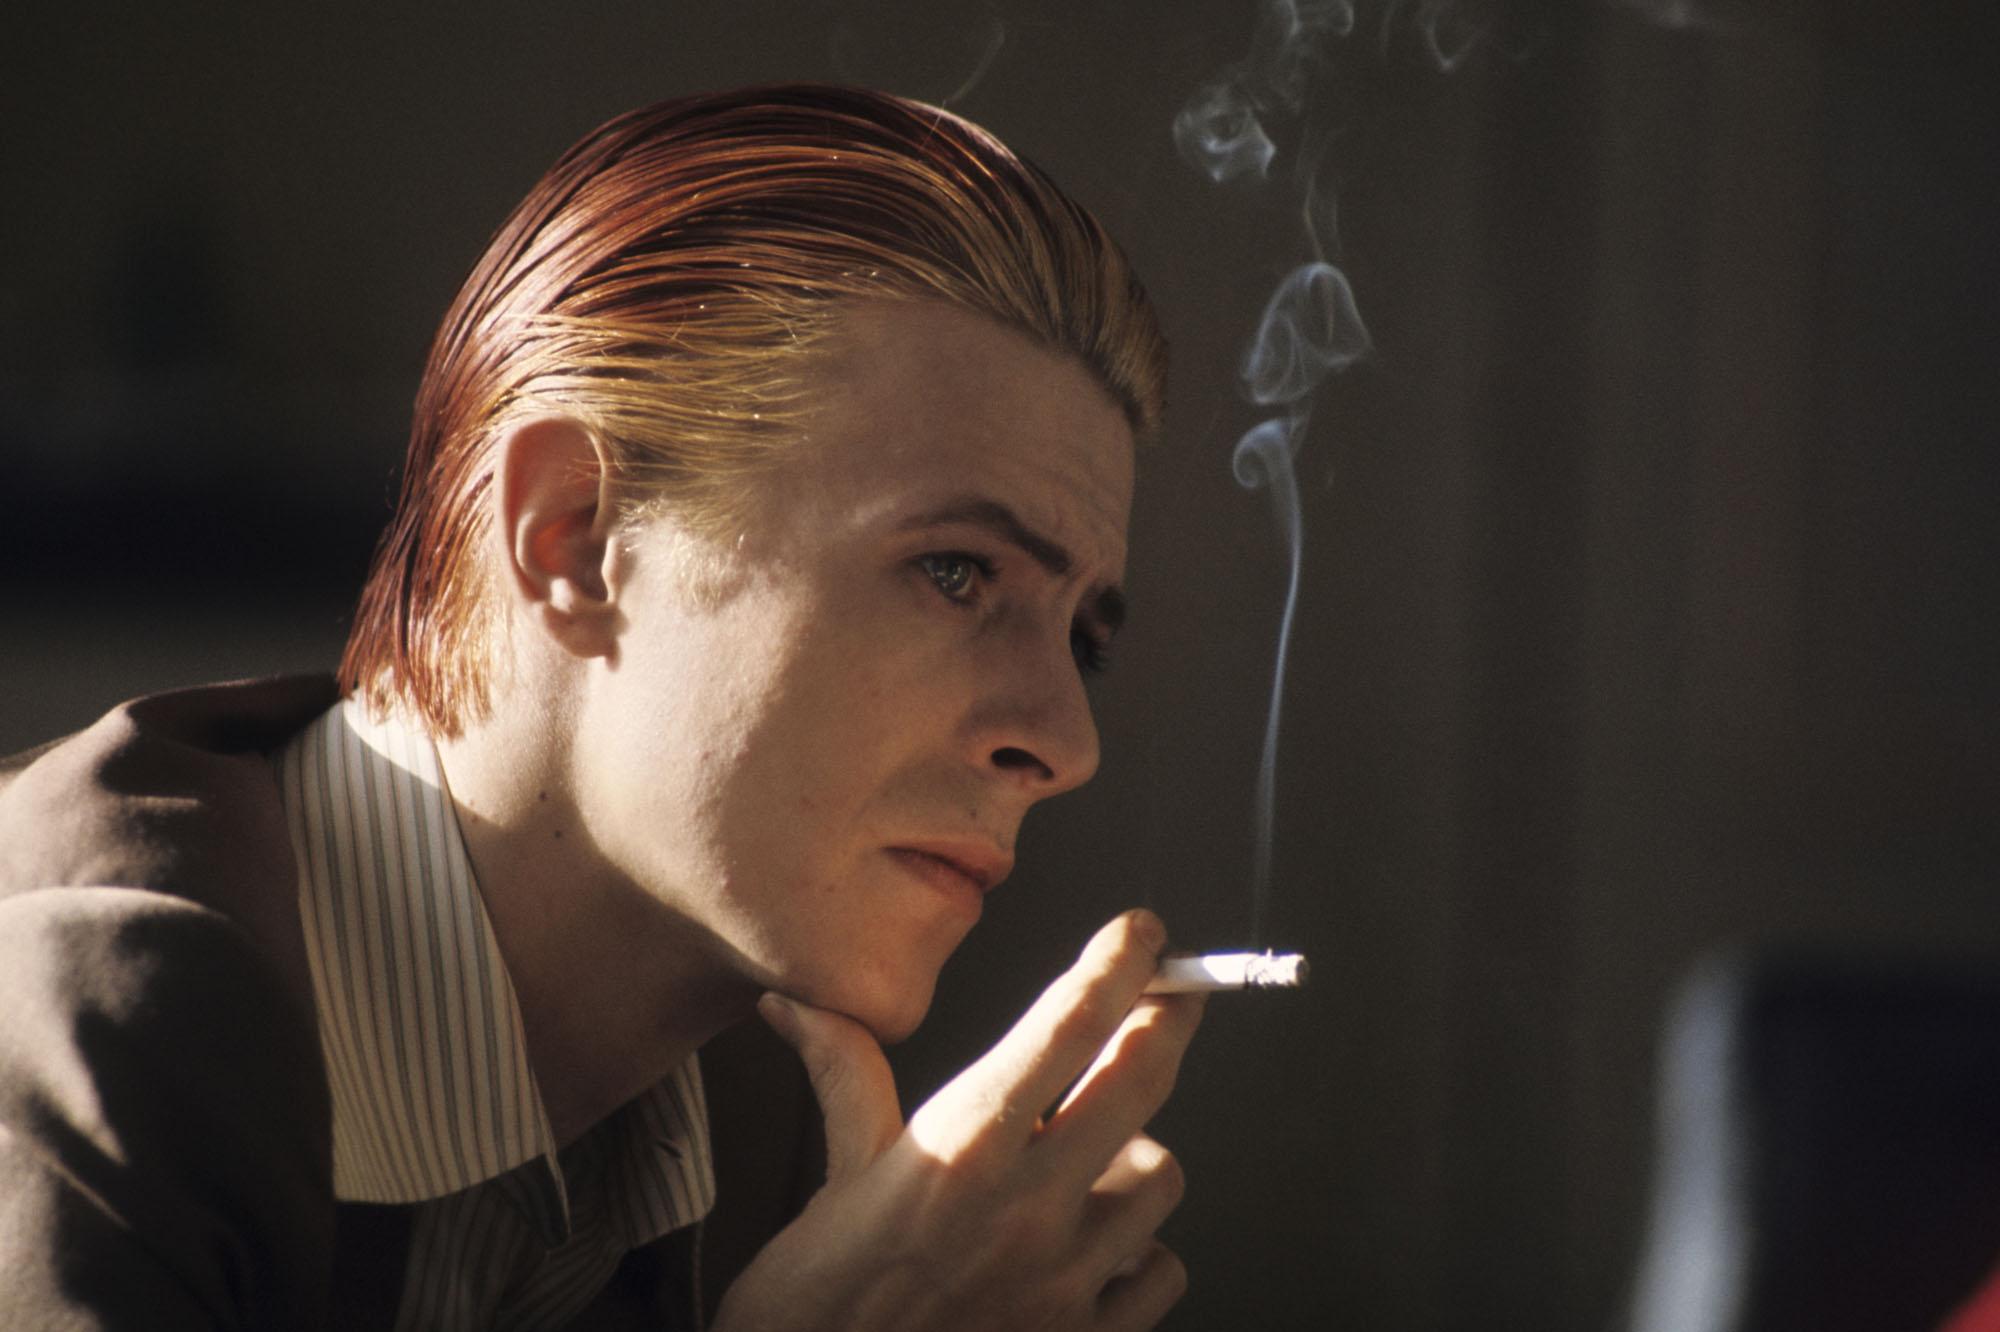 Bowie teacher sex abuse